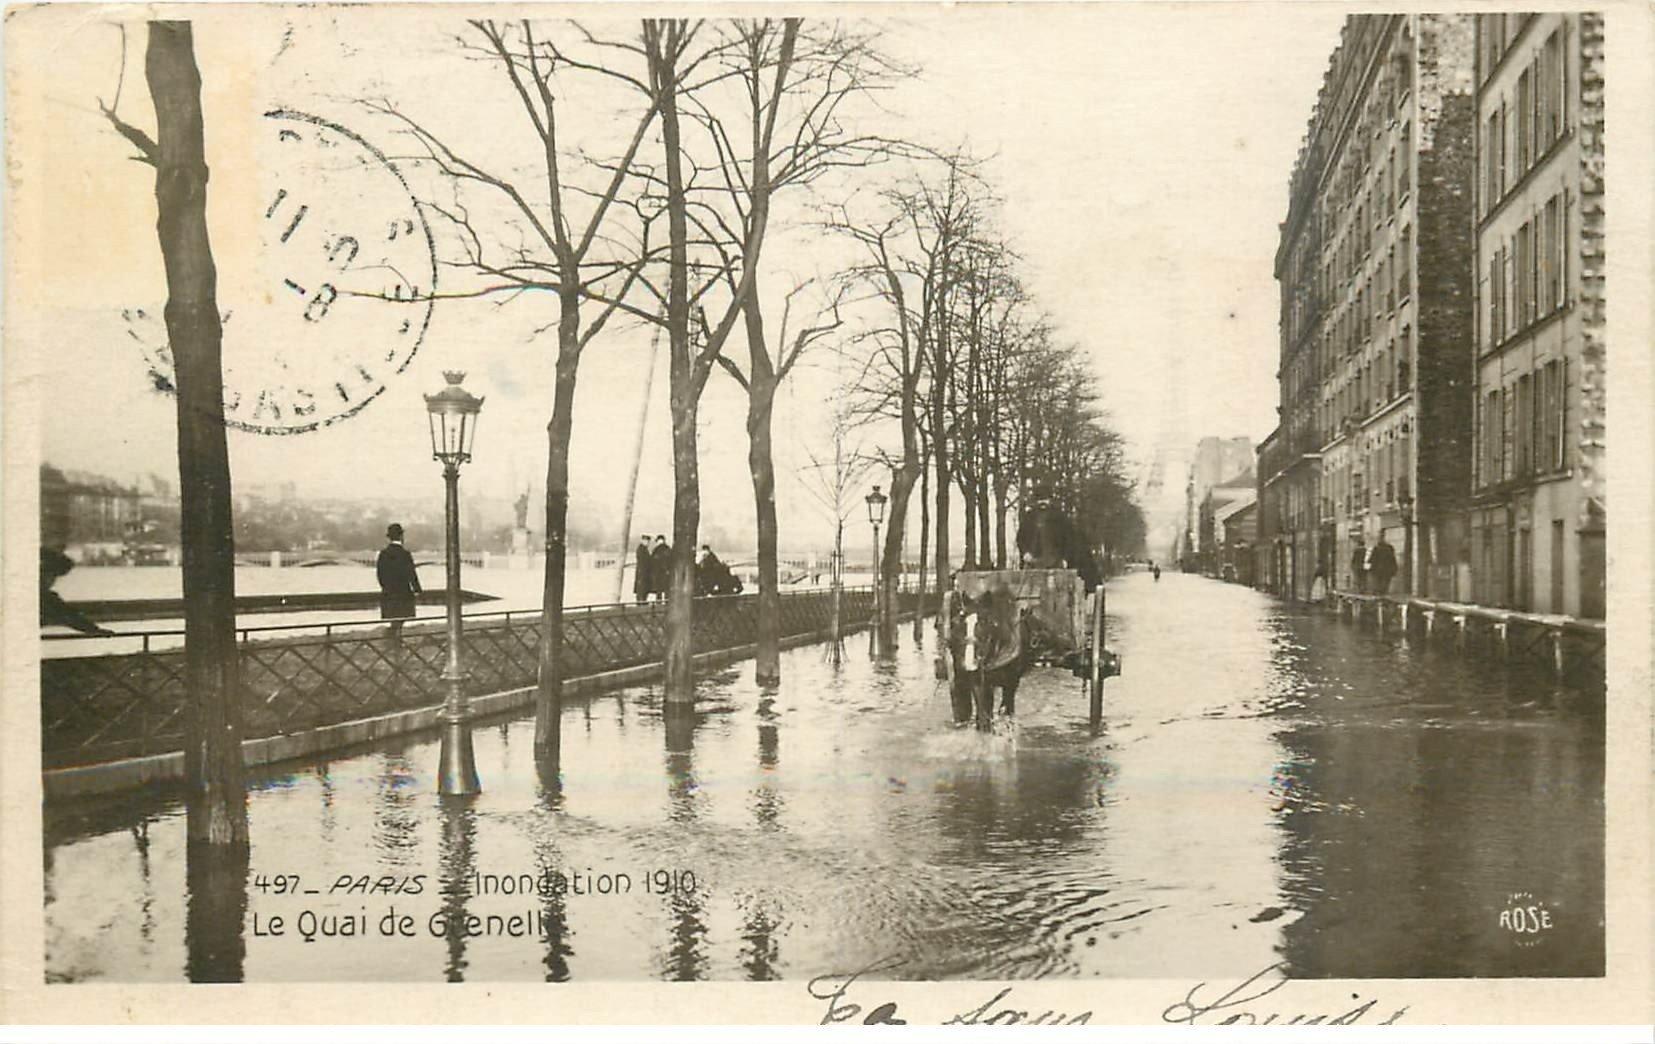 1910 INONDATION DE PARIS 15 Le Quai de Grenelle attelage